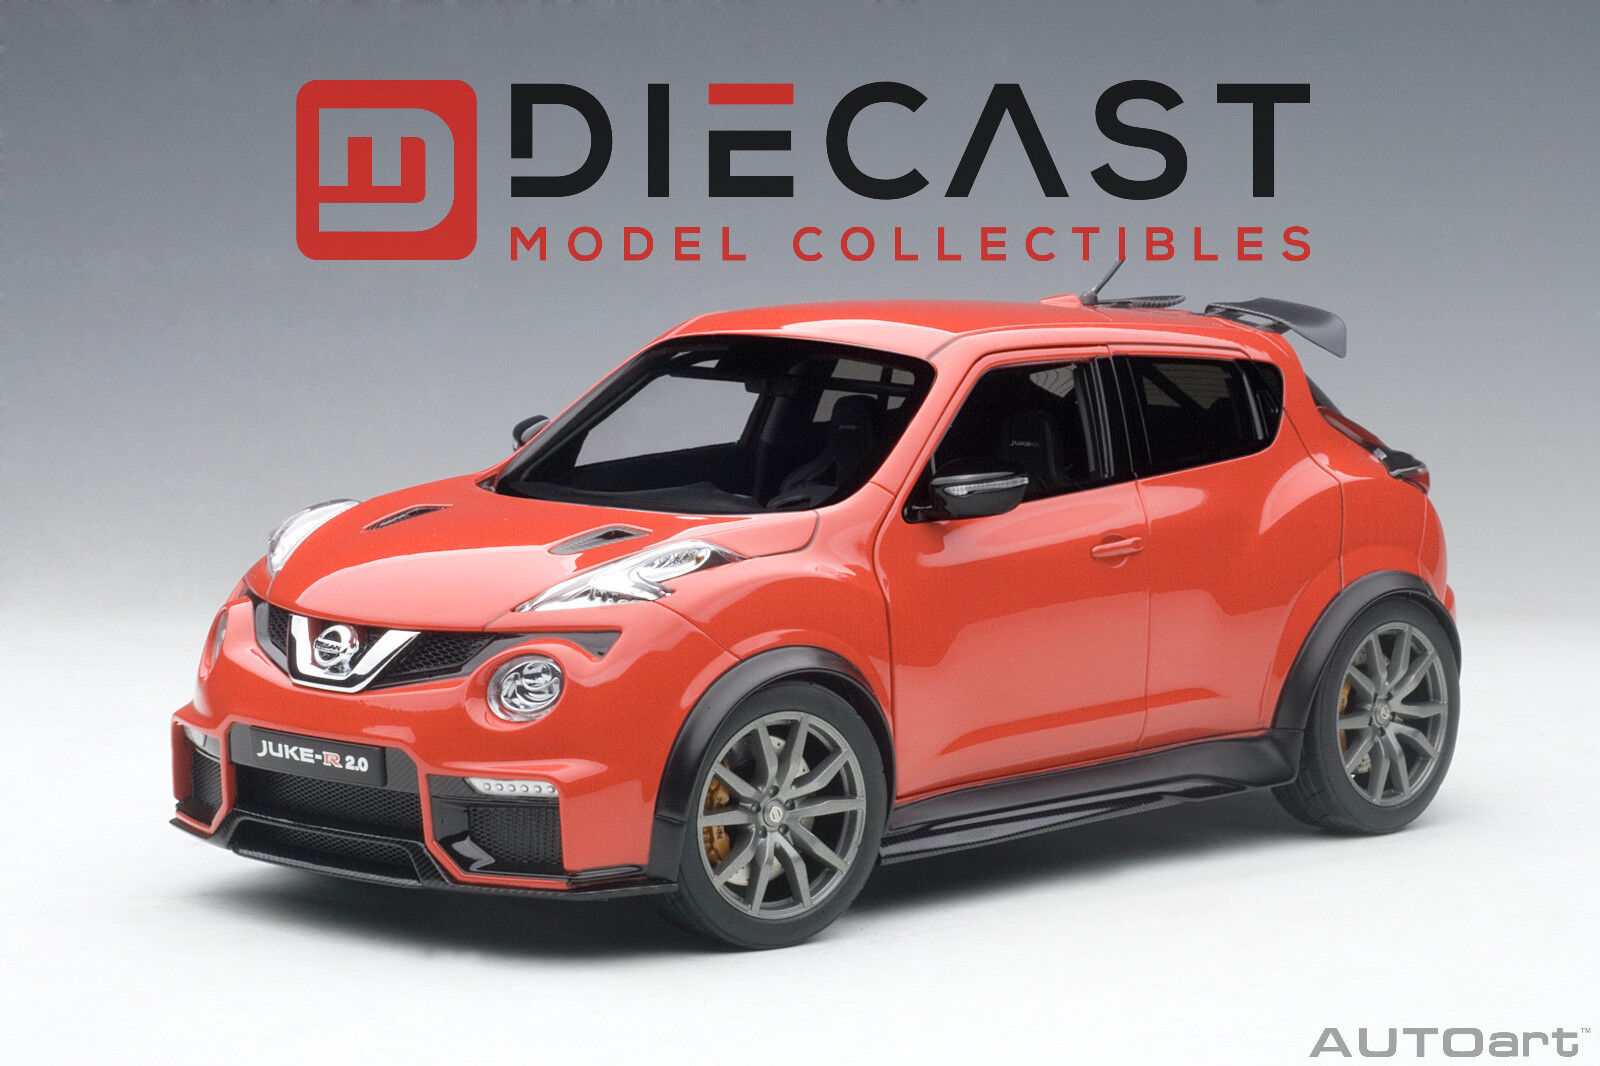 AUTOart 77457 Nissan Juke R 2.0 (rot) 1 18TH Scale